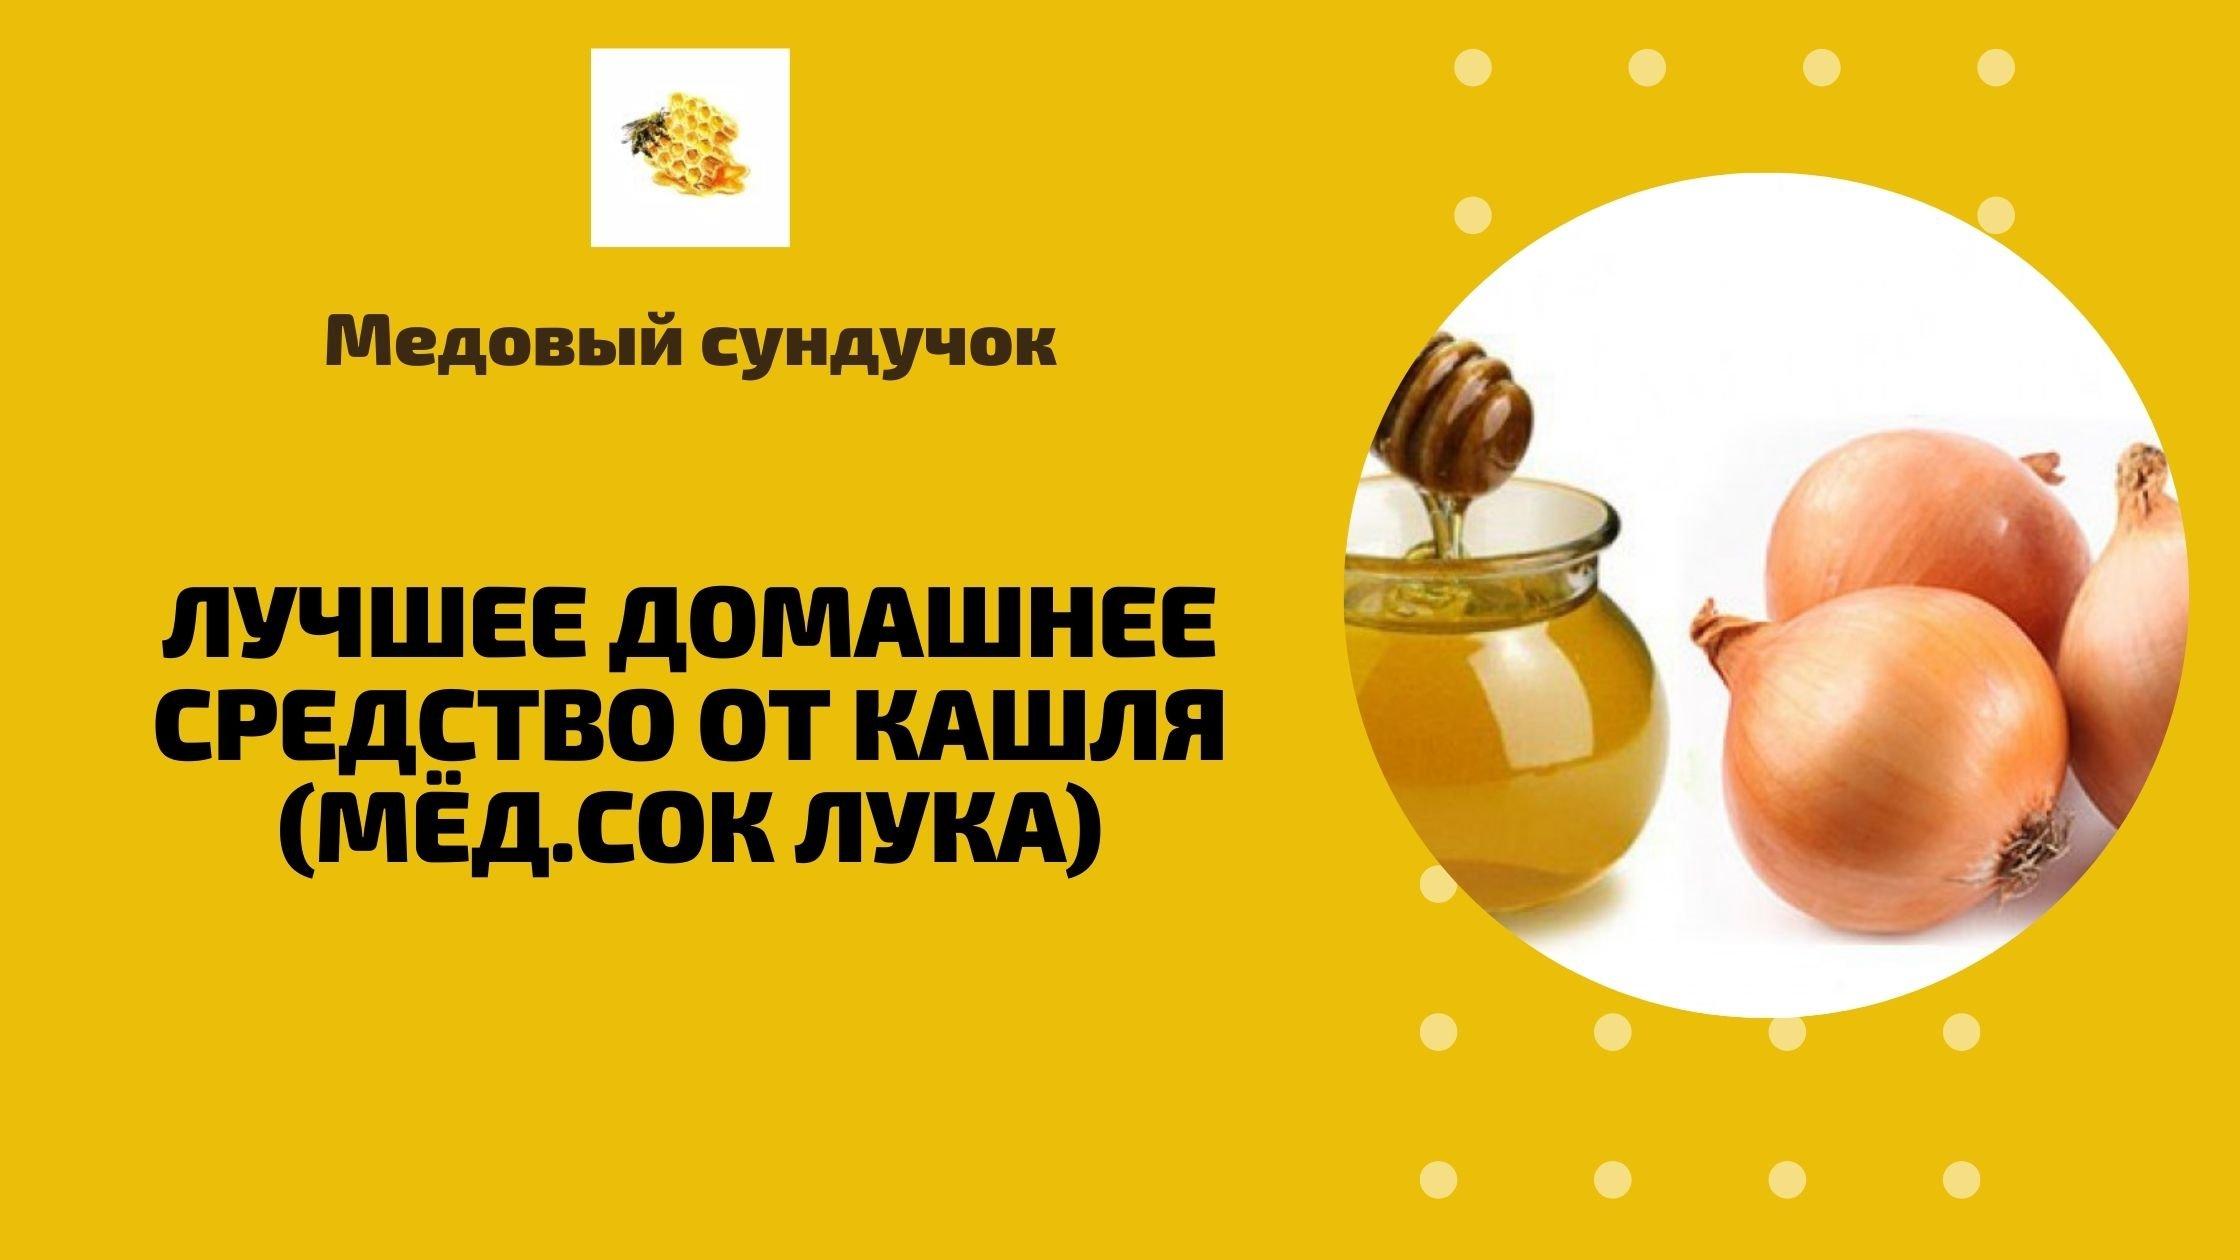 Лучшее домашнее средство от кашля (Мёд.Сок лука)